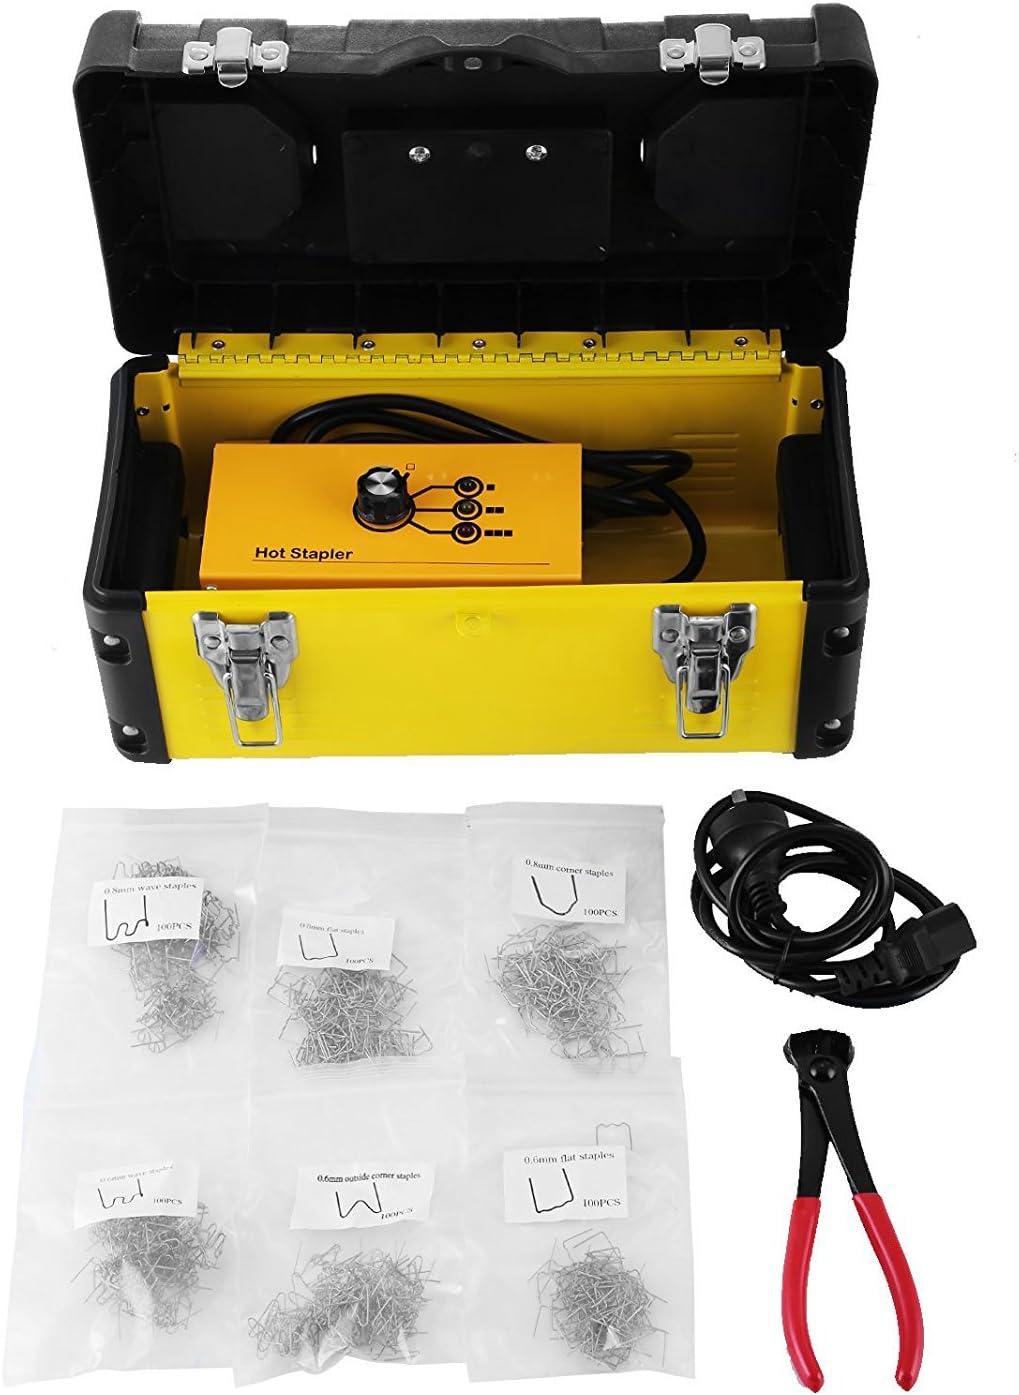 Beyondlife máquina de soldadura de reparación de plástico Hot stapler Tool Gun Kit para parachoques de reparación de plástico con caja de almacenaje de 600 grapas y tijeras